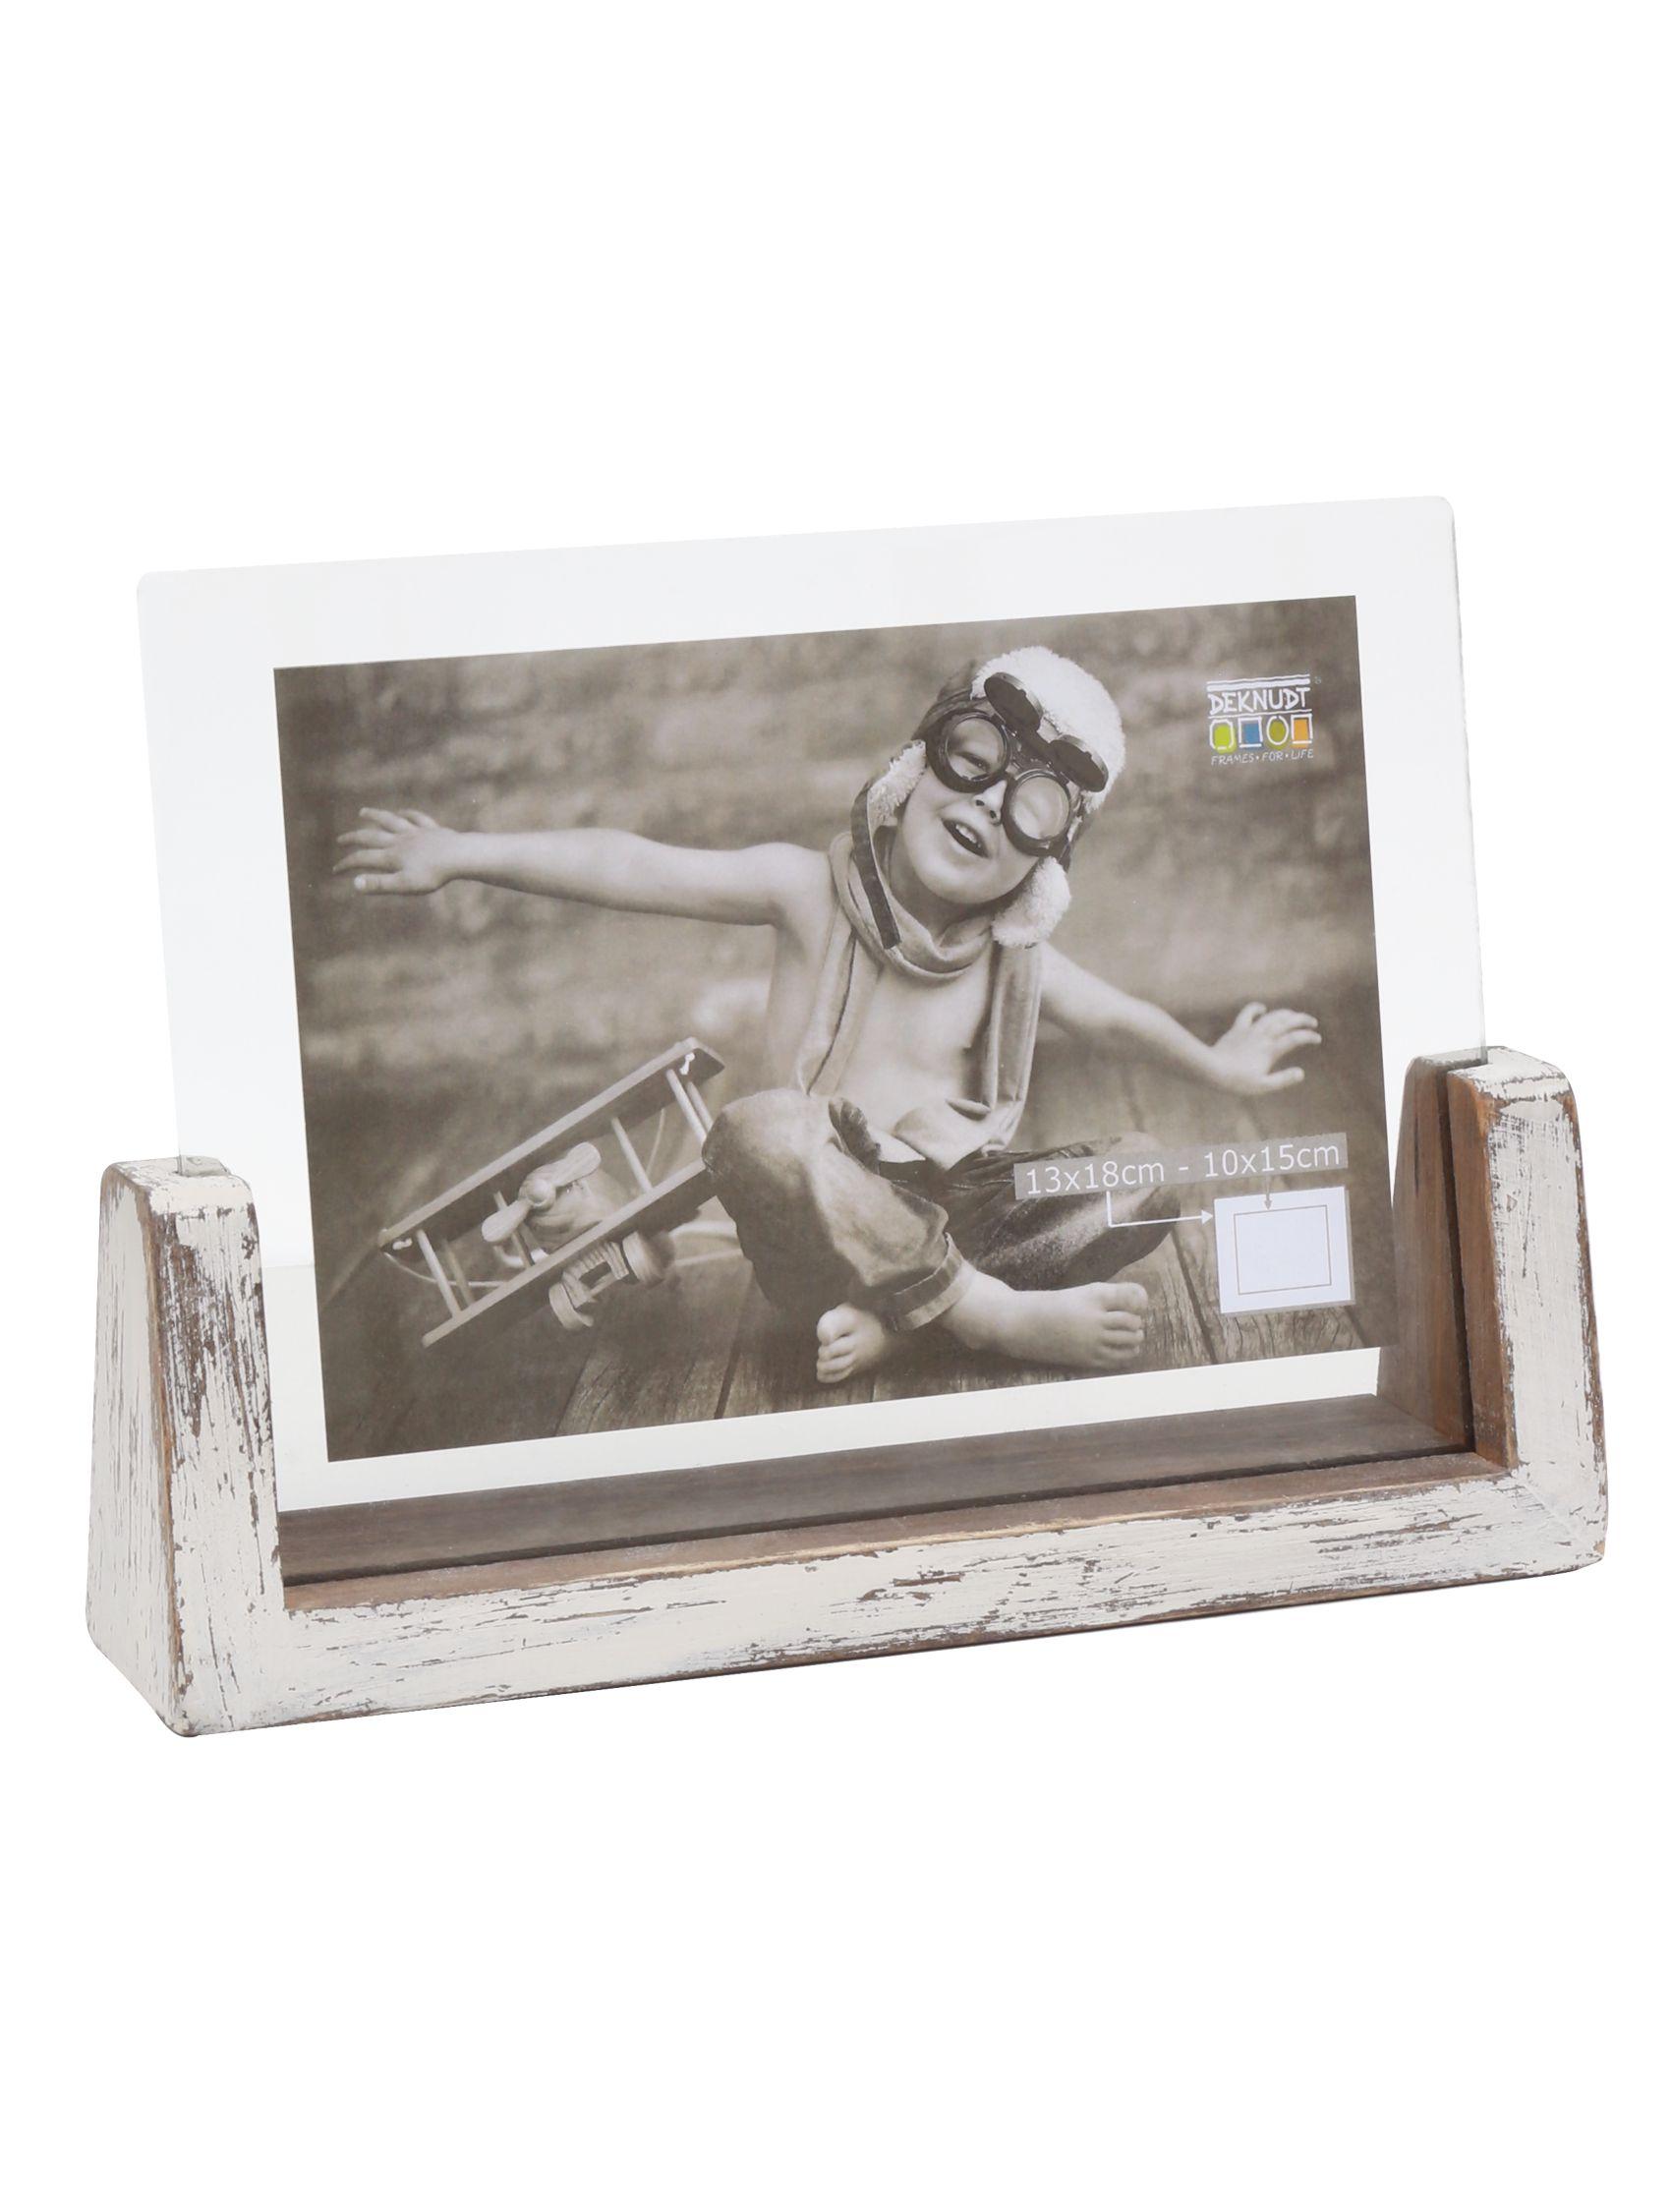 Wit geschilderde fotohouder voor 1 horizontale foto S67TZ1 H